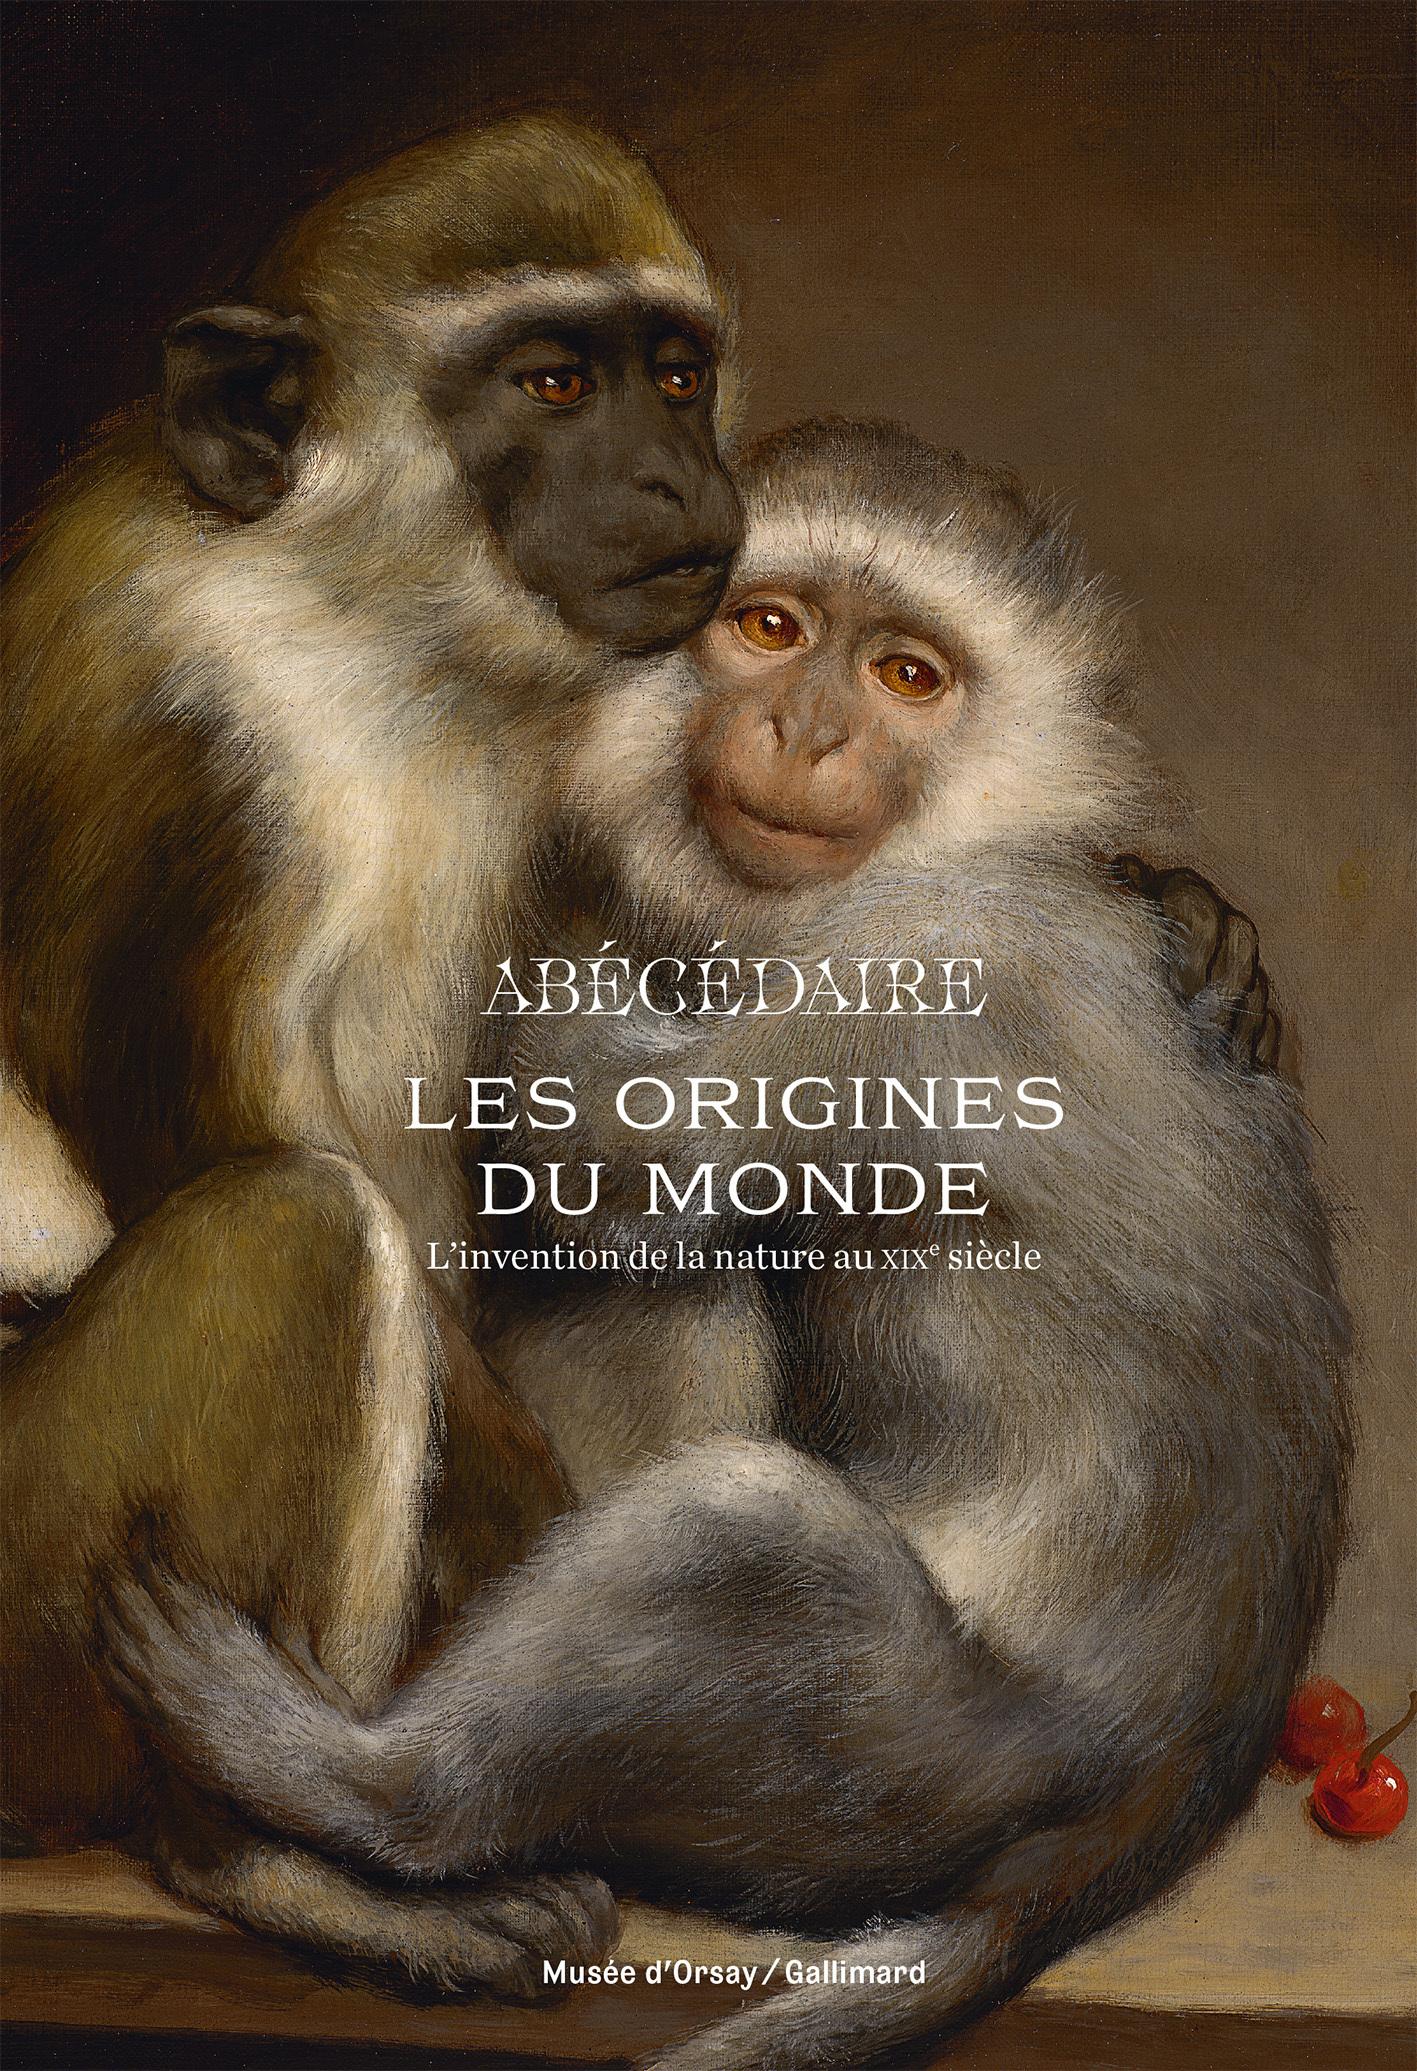 LES ORIGINES DU MONDE. L'ABECEDAIRE - L'INVENTION DE LA NATURE AU XIX  SIECLE